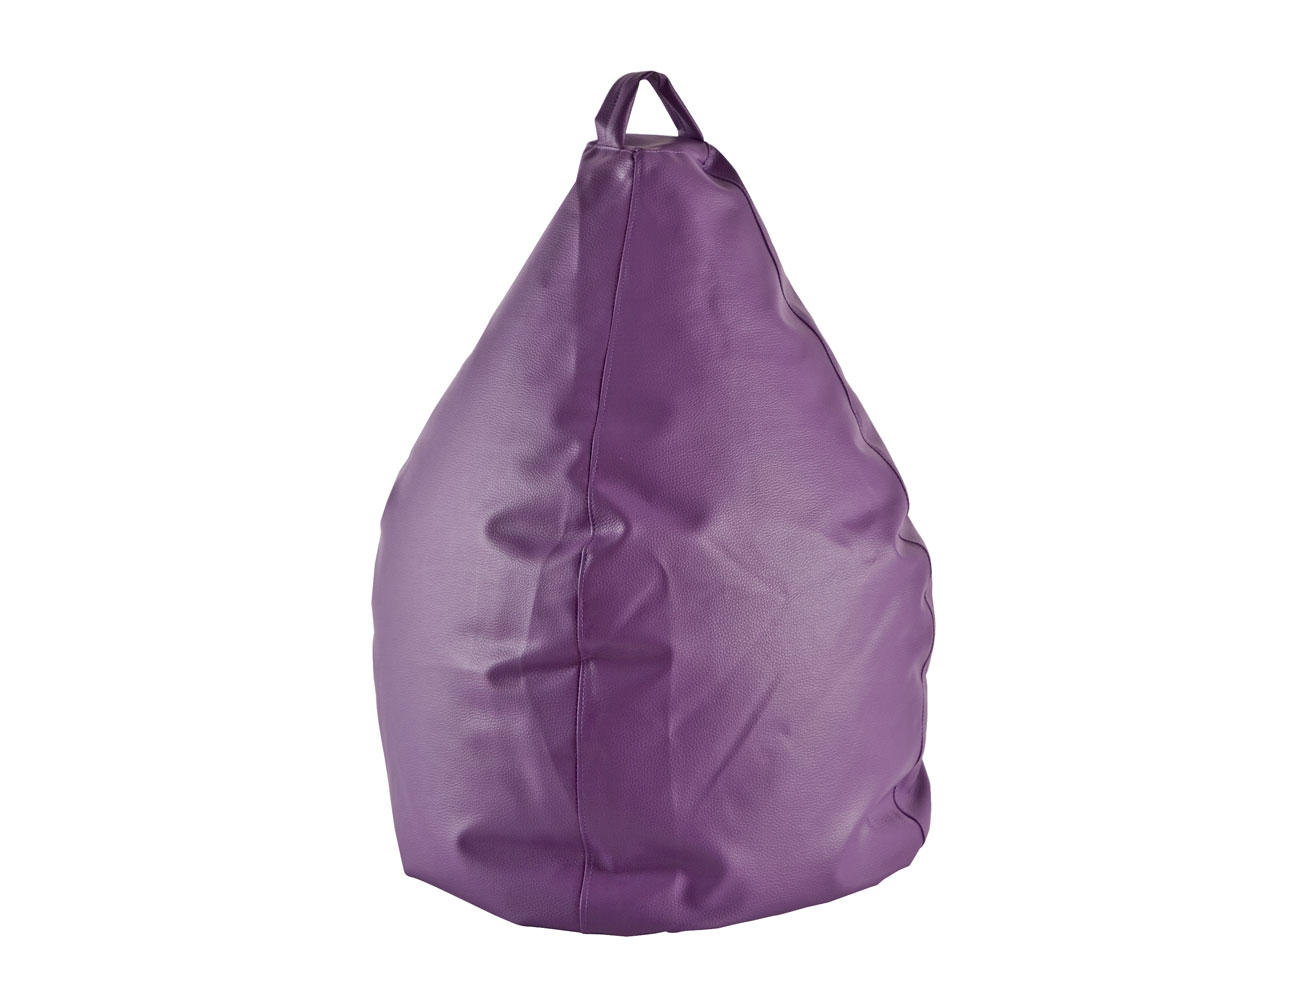 2 sac amoldable morado